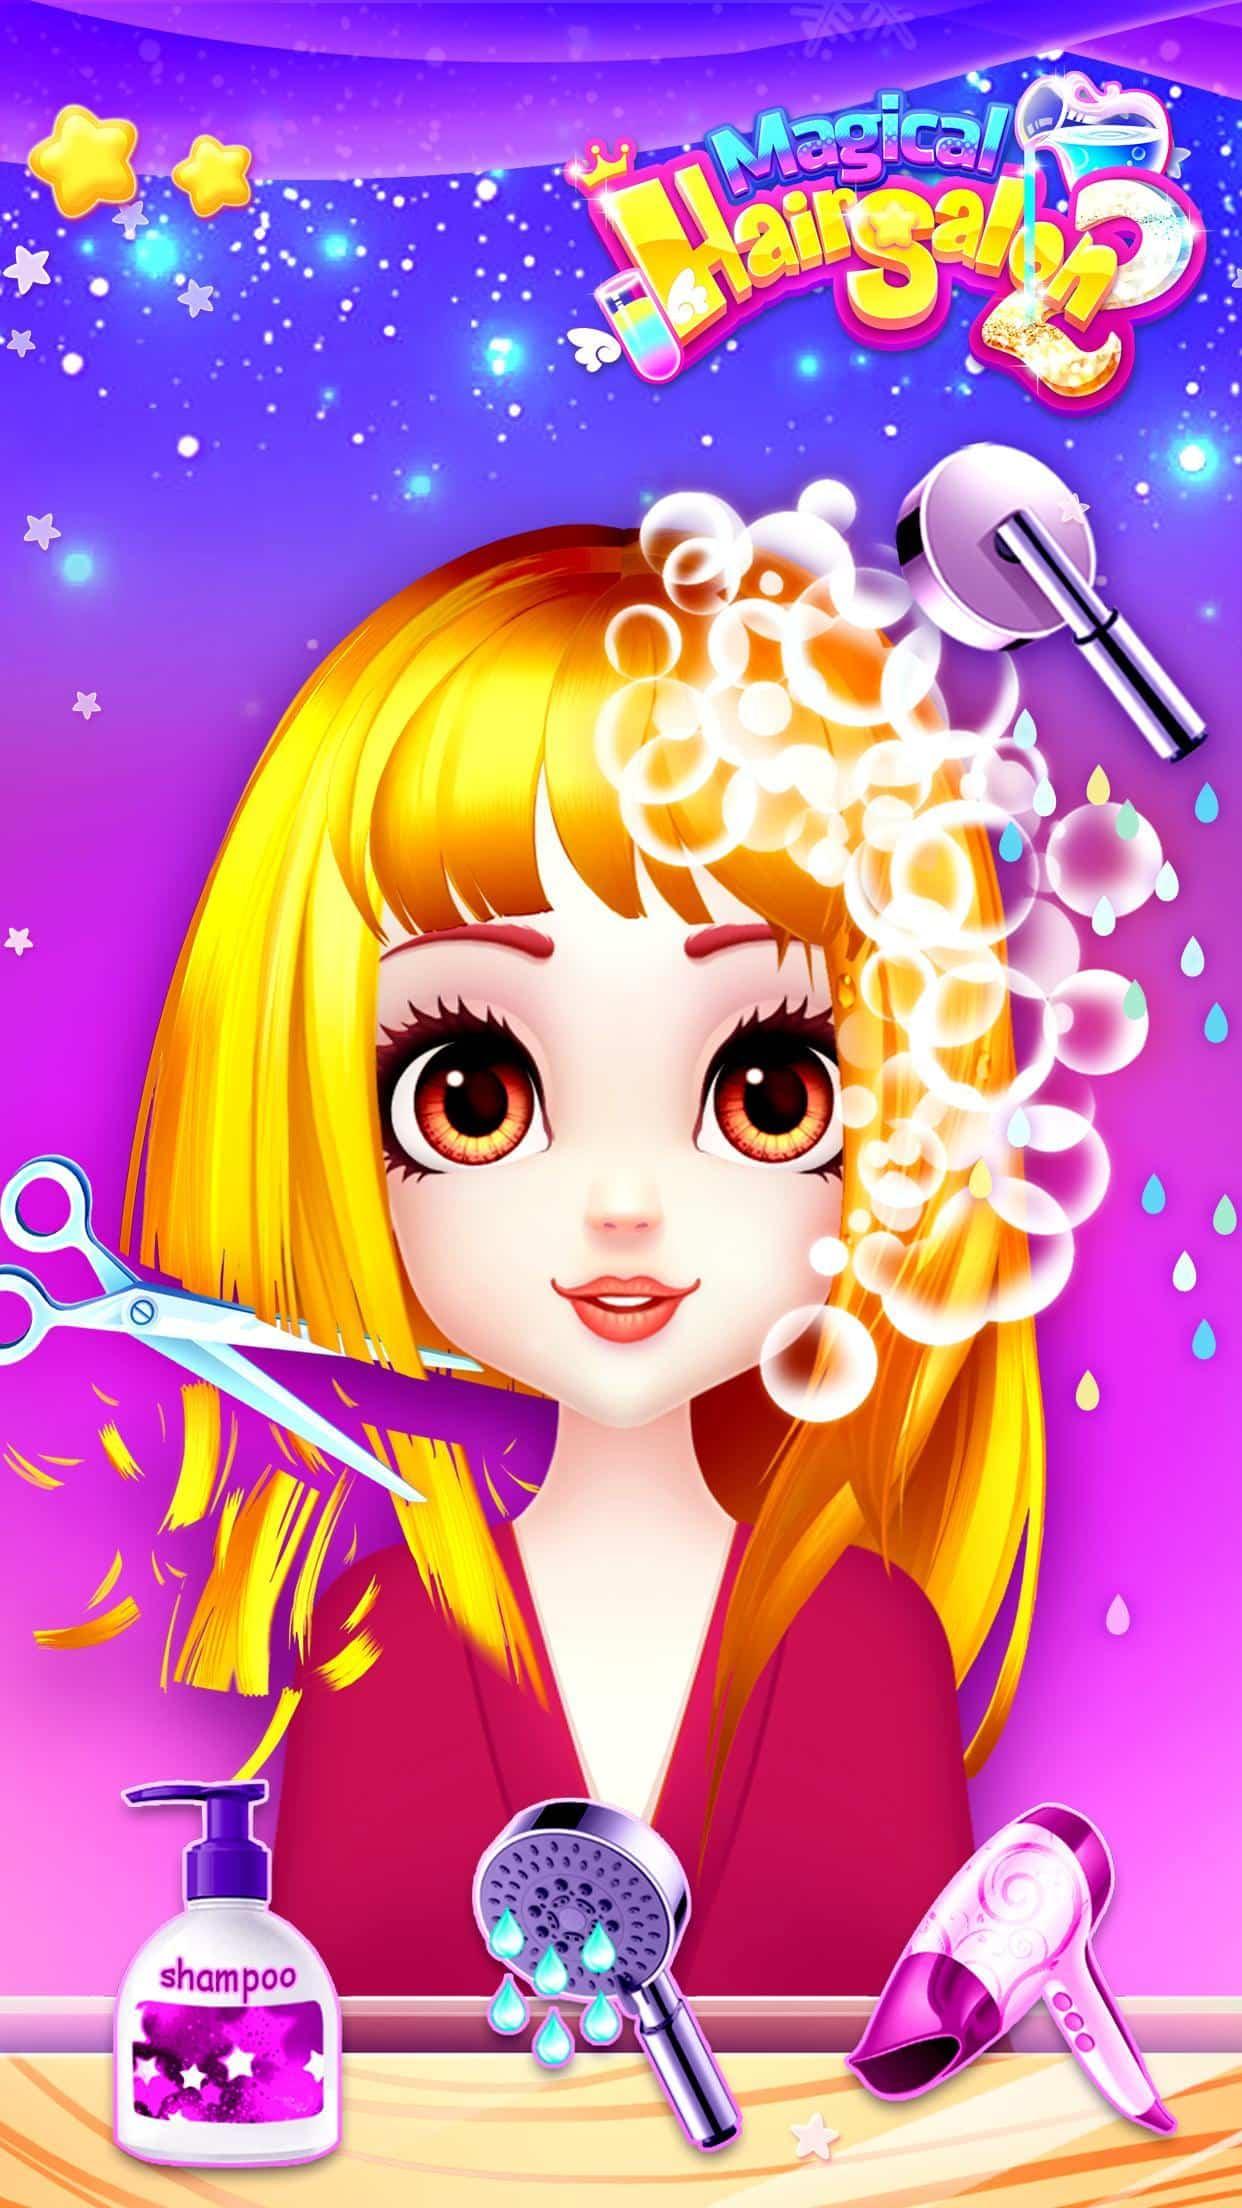 Magical-Hair-Salon